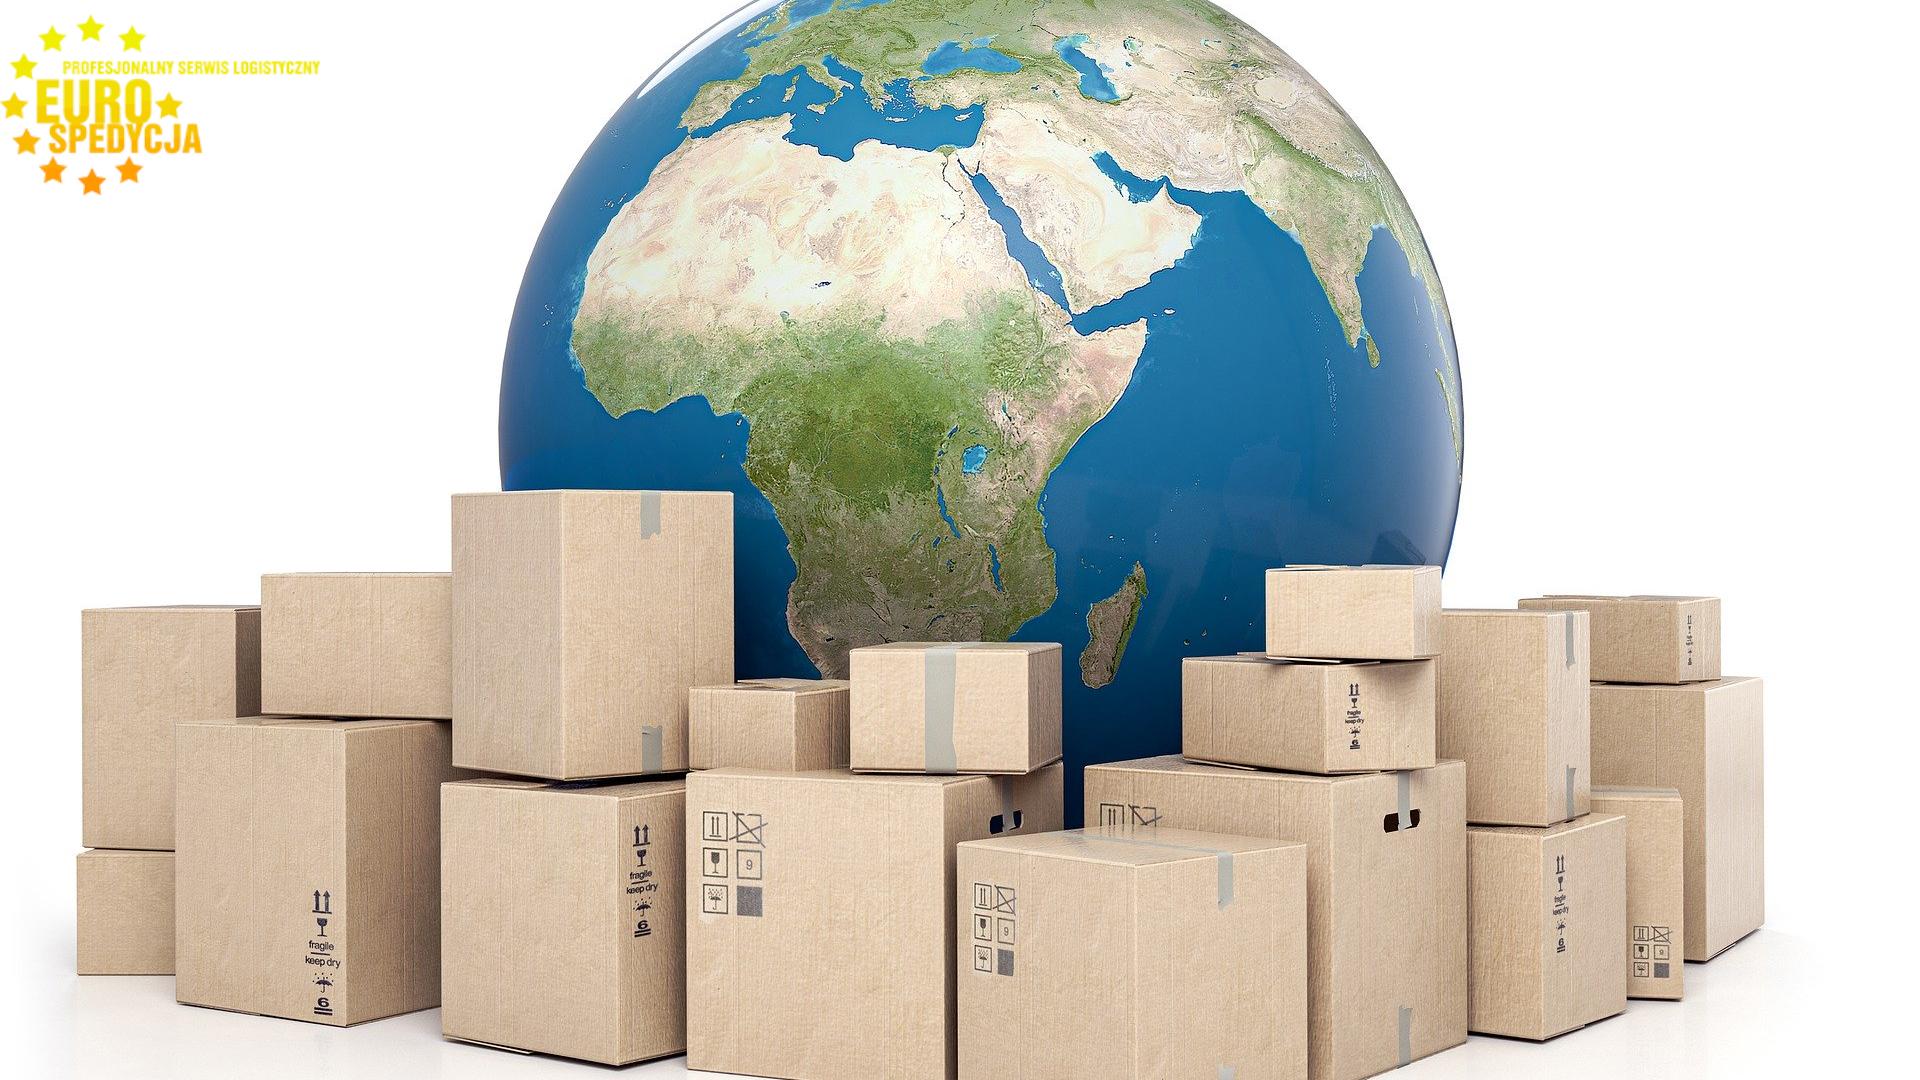 rodzaje opakowań do wysyłanej przesyłki